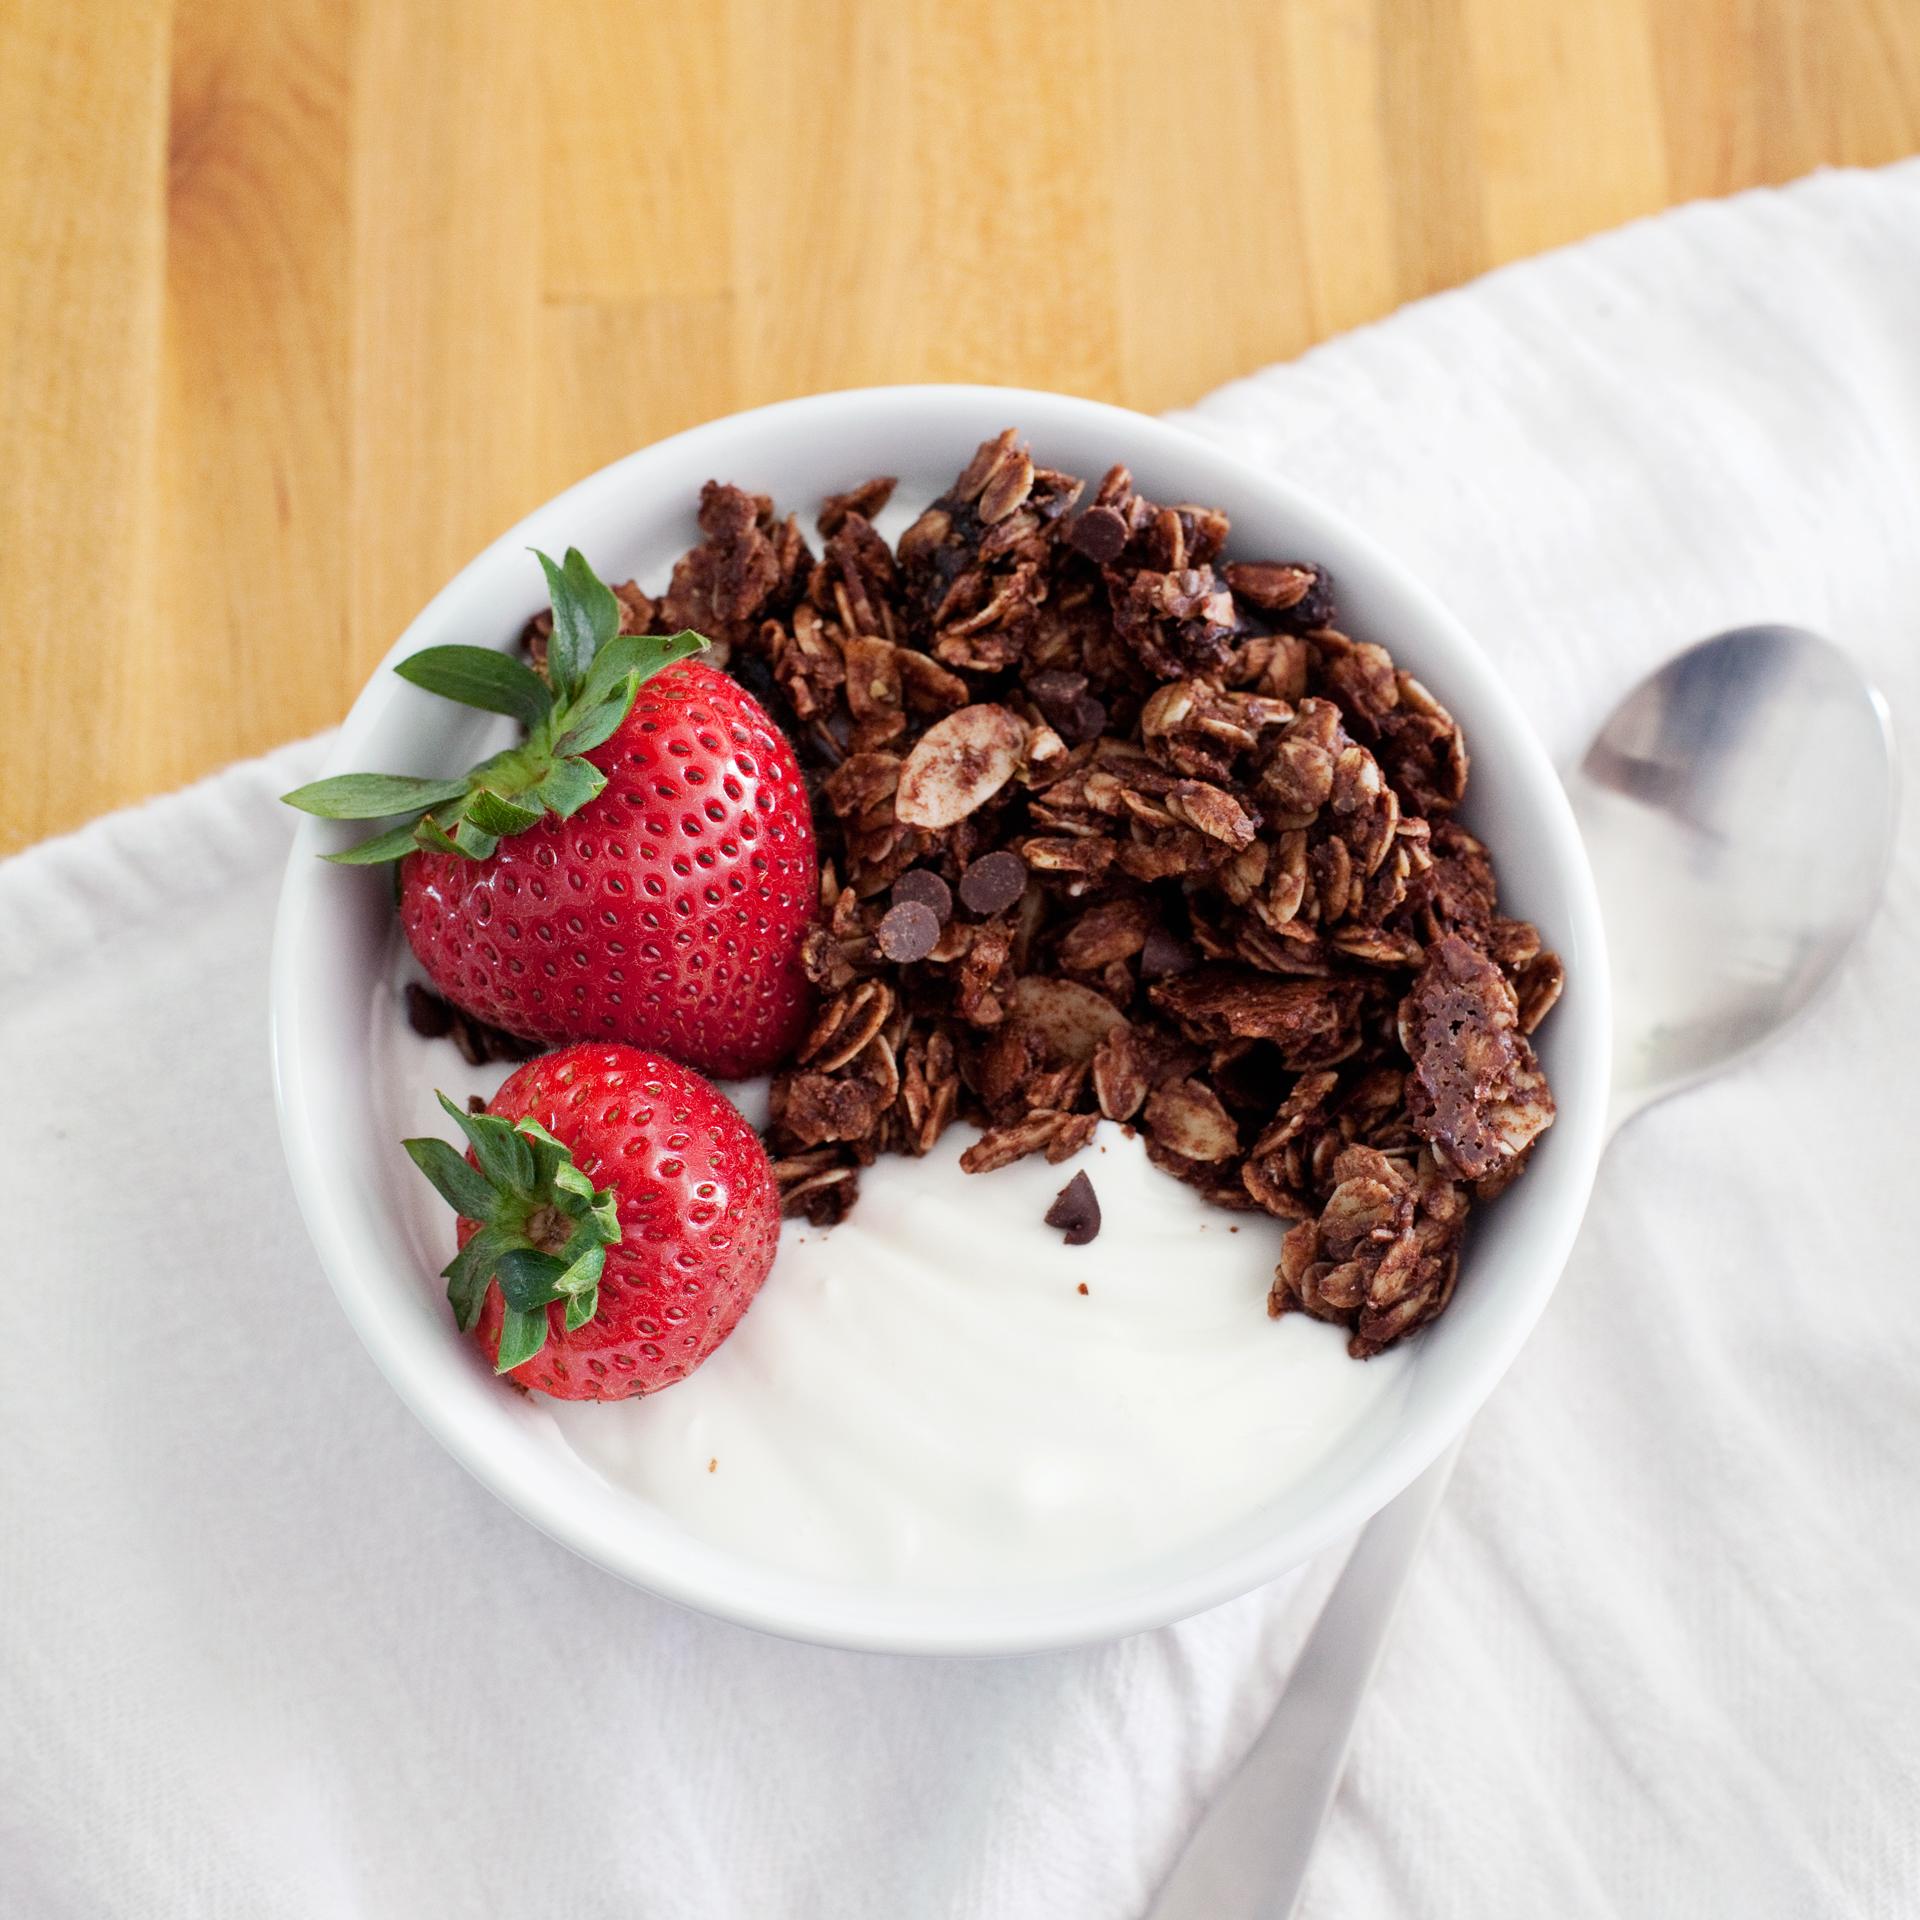 Refined Sugar Free Chocolate Granola Recipe